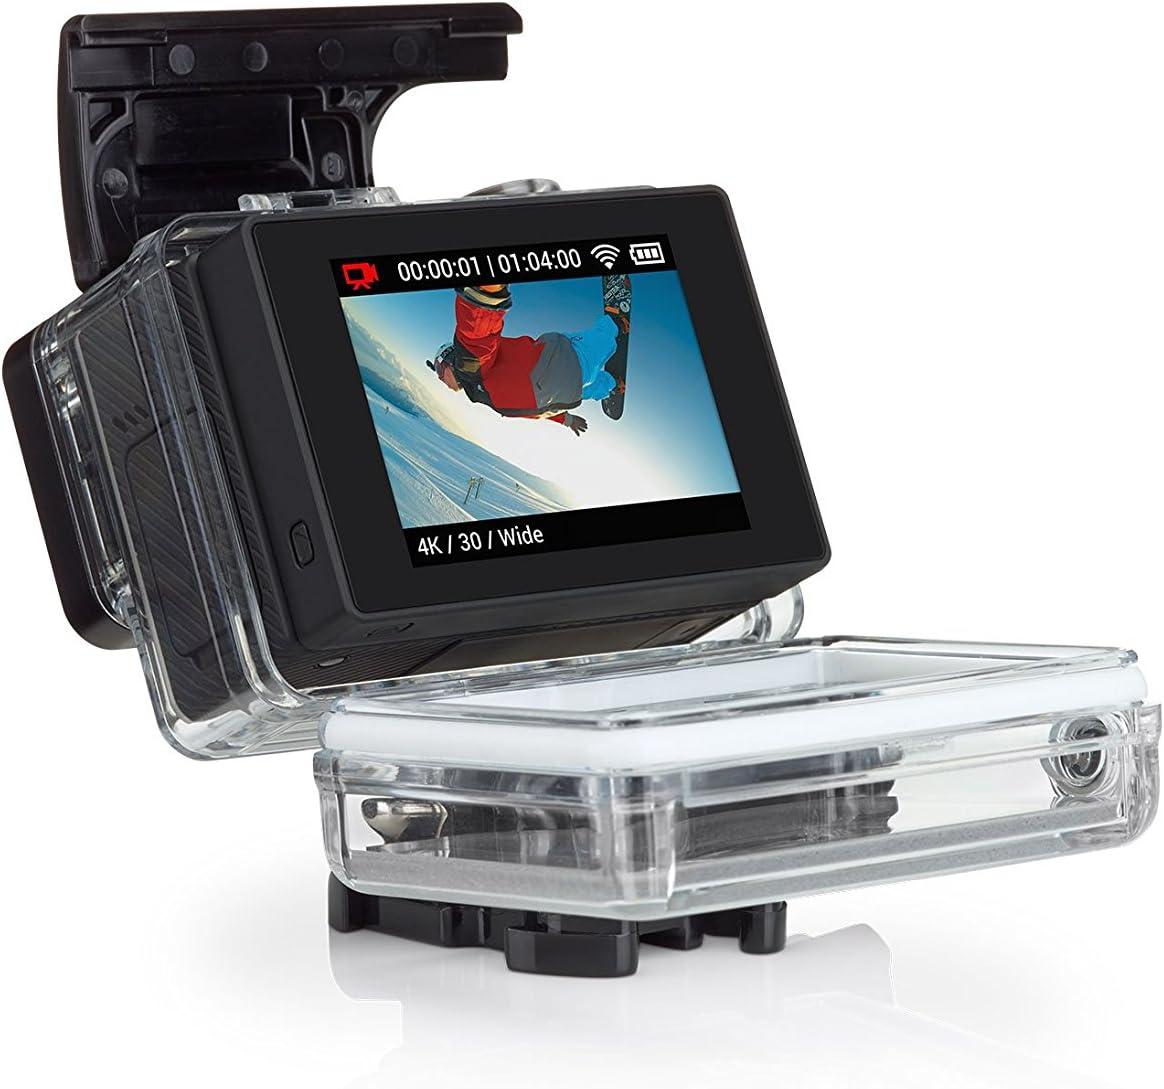 GoPro Alcdb-401 - Pack de Accesorios para cámaras Digitales, Color Negro: Amazon.es: Electrónica